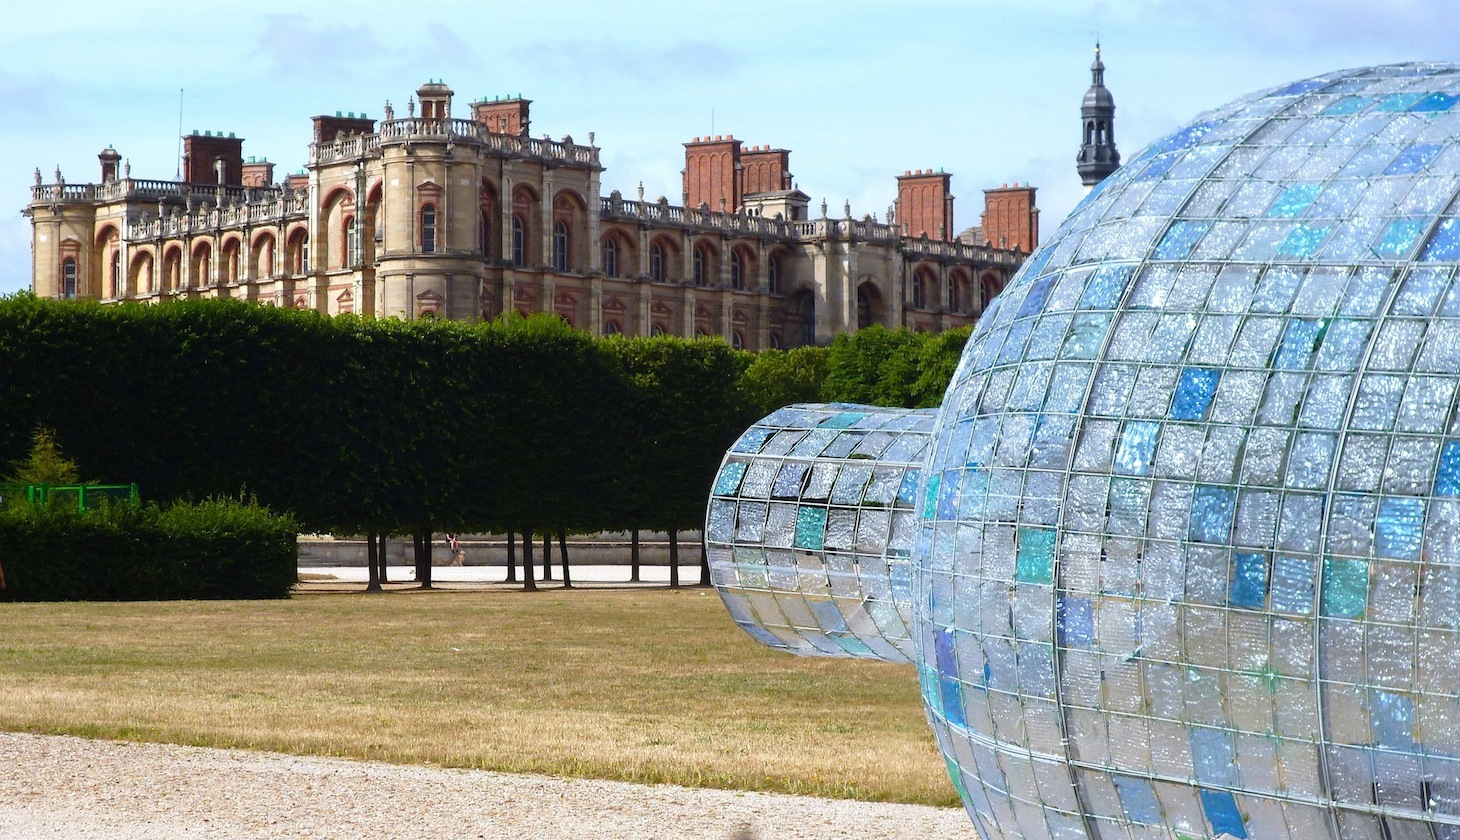 Jardin de spectacles 2015 l 39 acqua di tutti - Office de tourisme de saint germain en laye ...